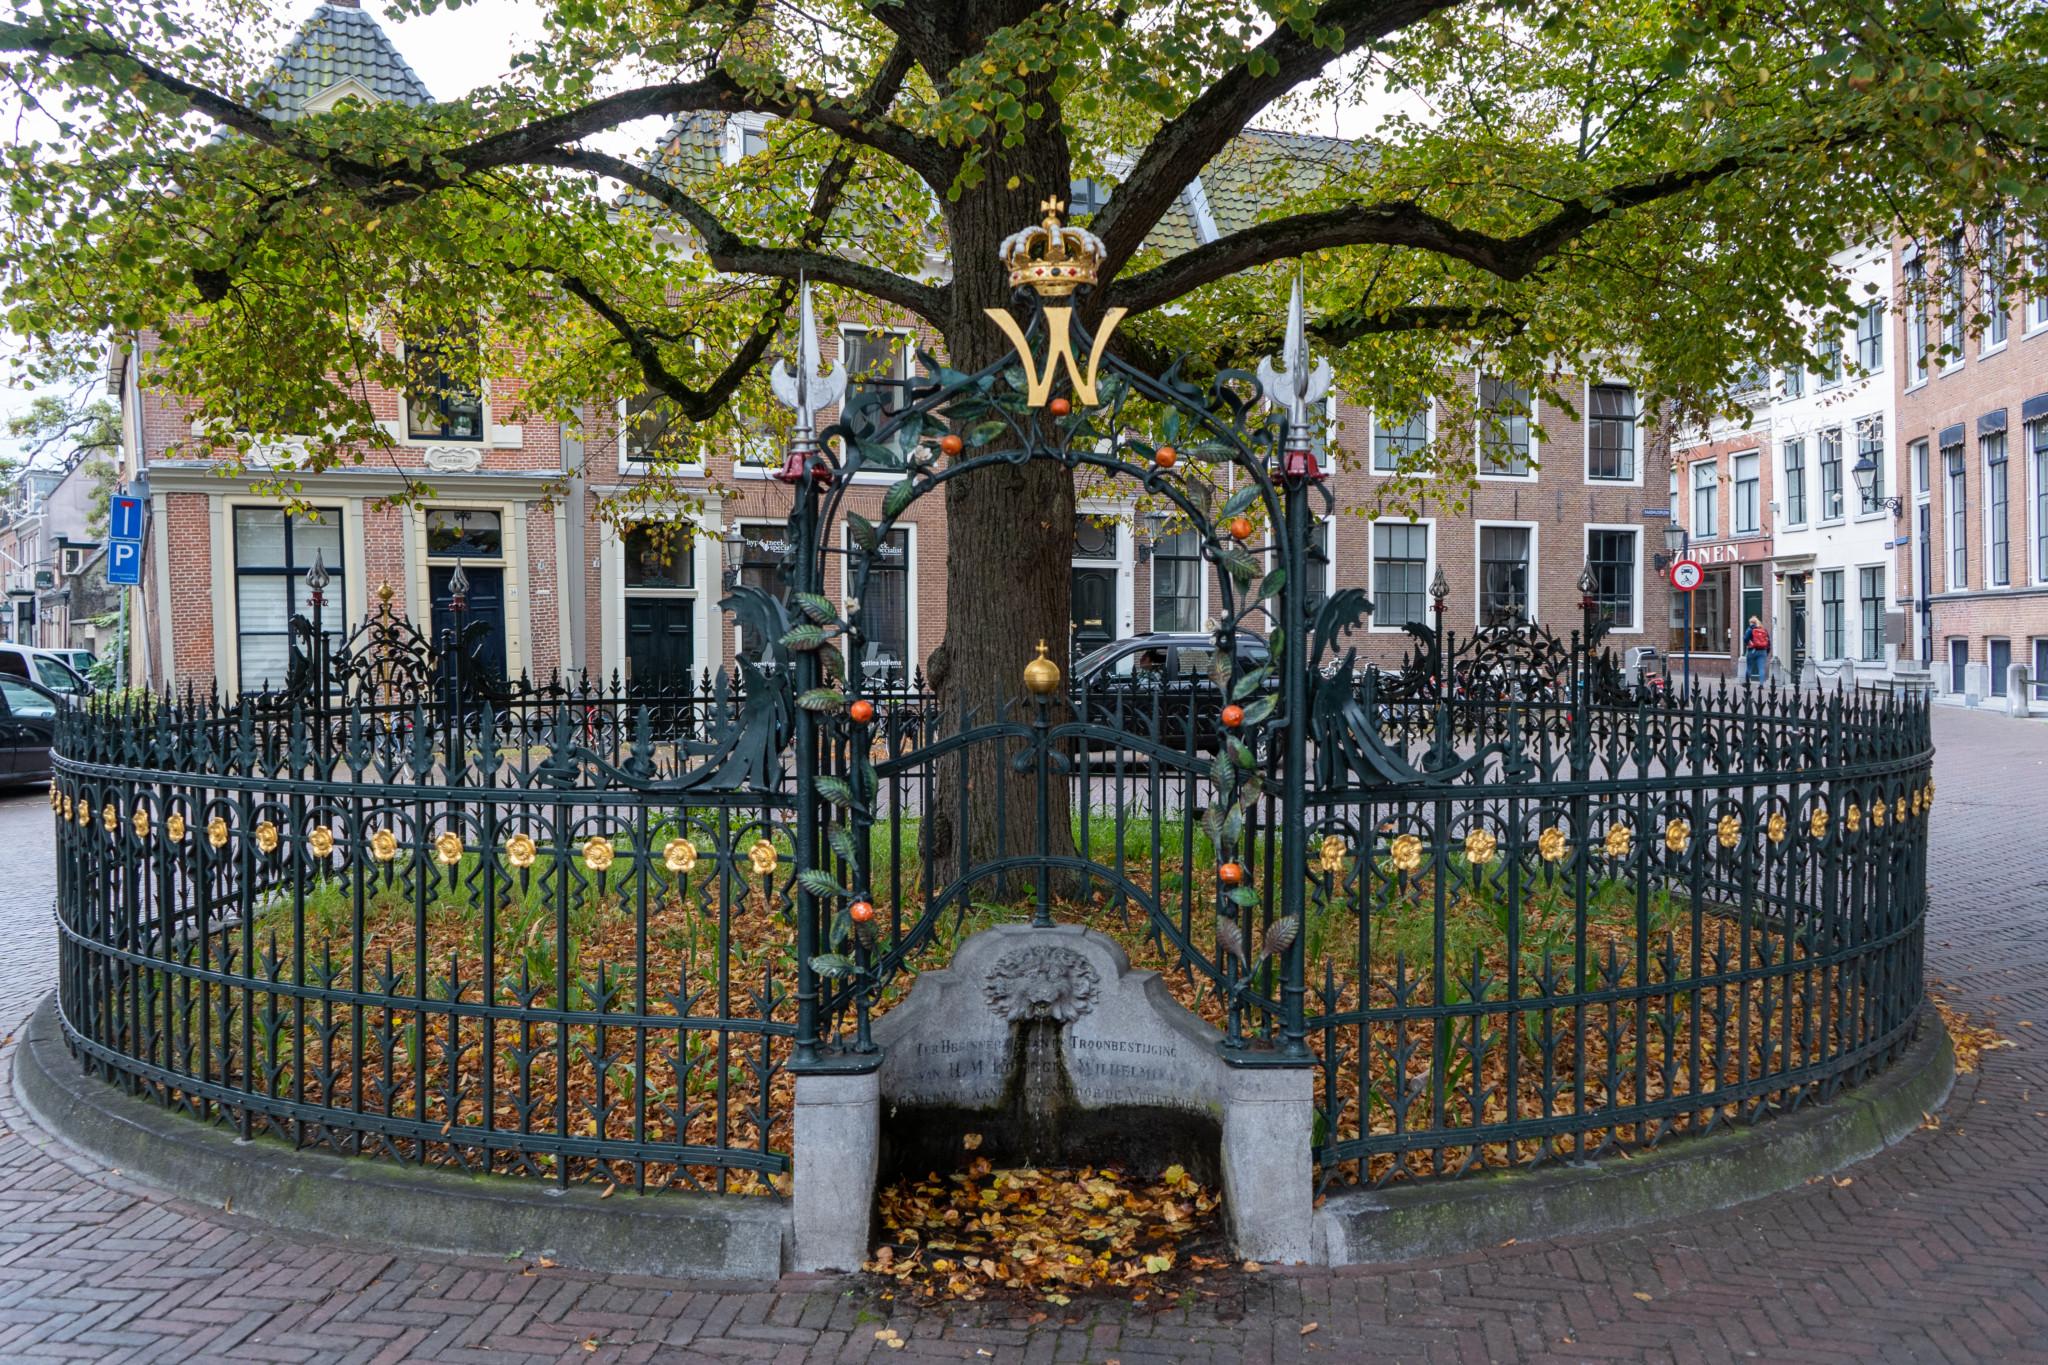 Oranjelinde im Innenhof vom Stadhuis Leeuwarden